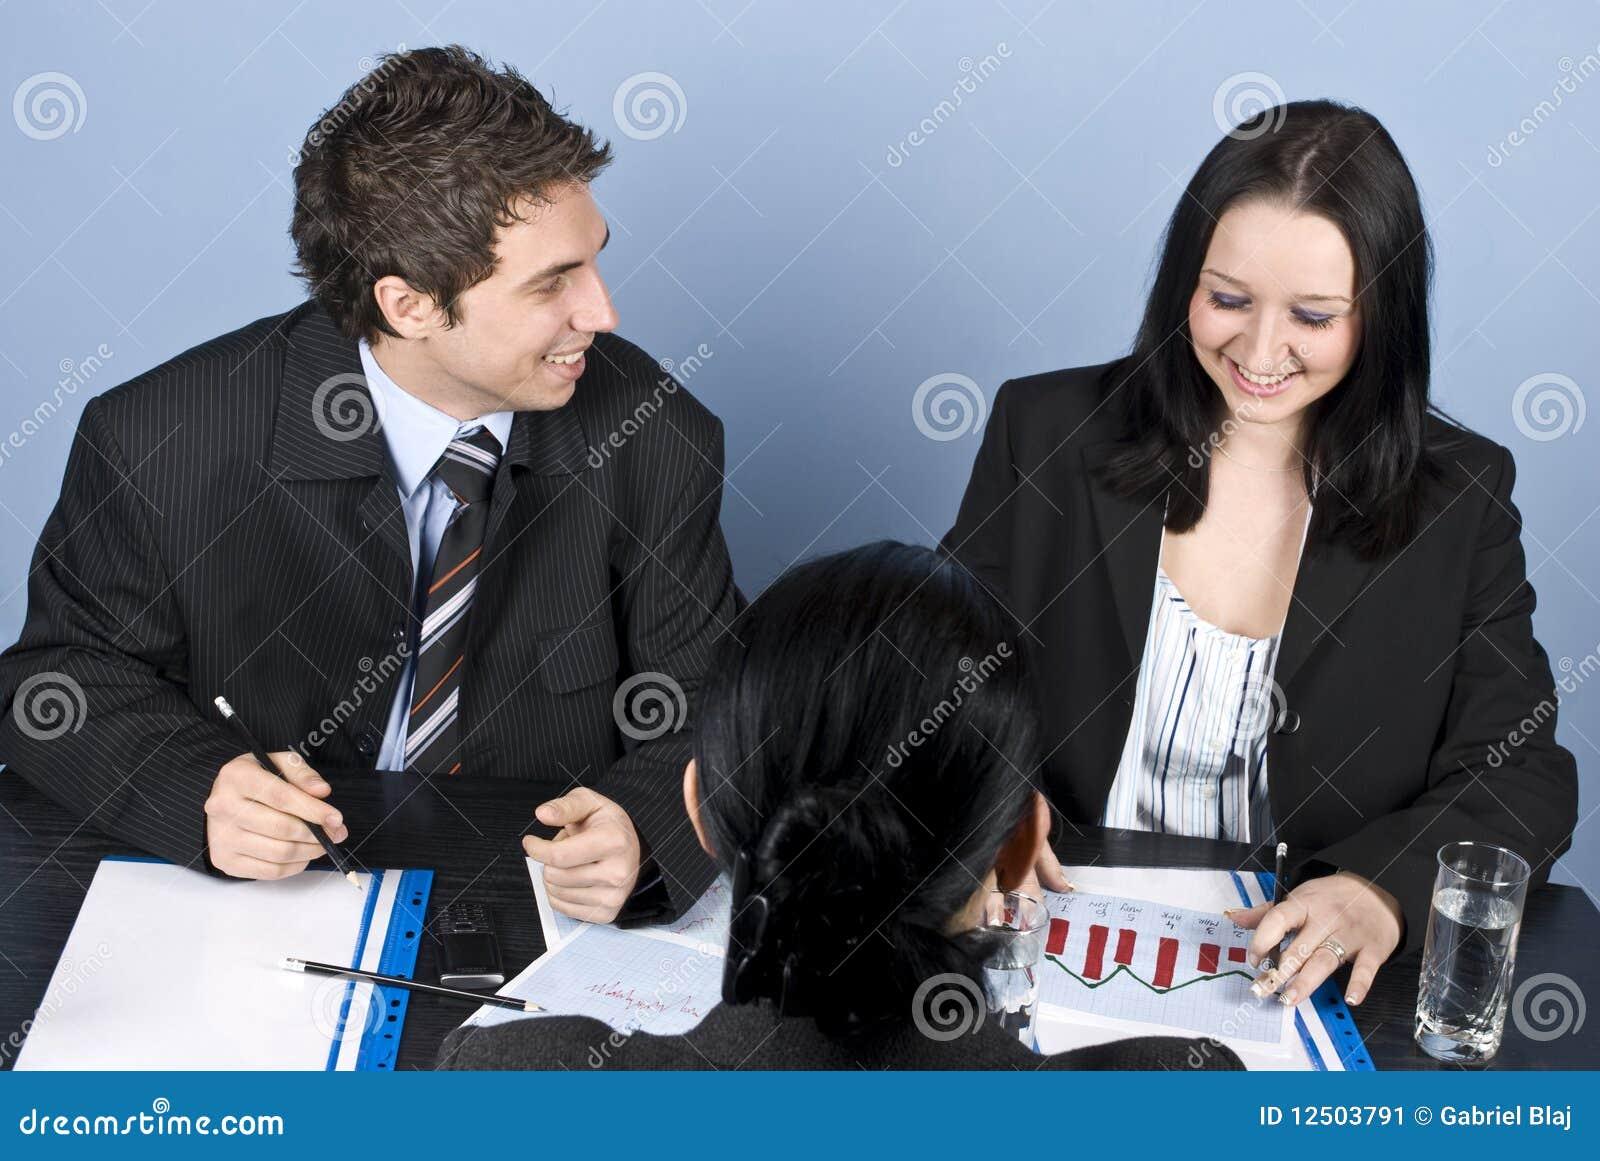 women employment essay